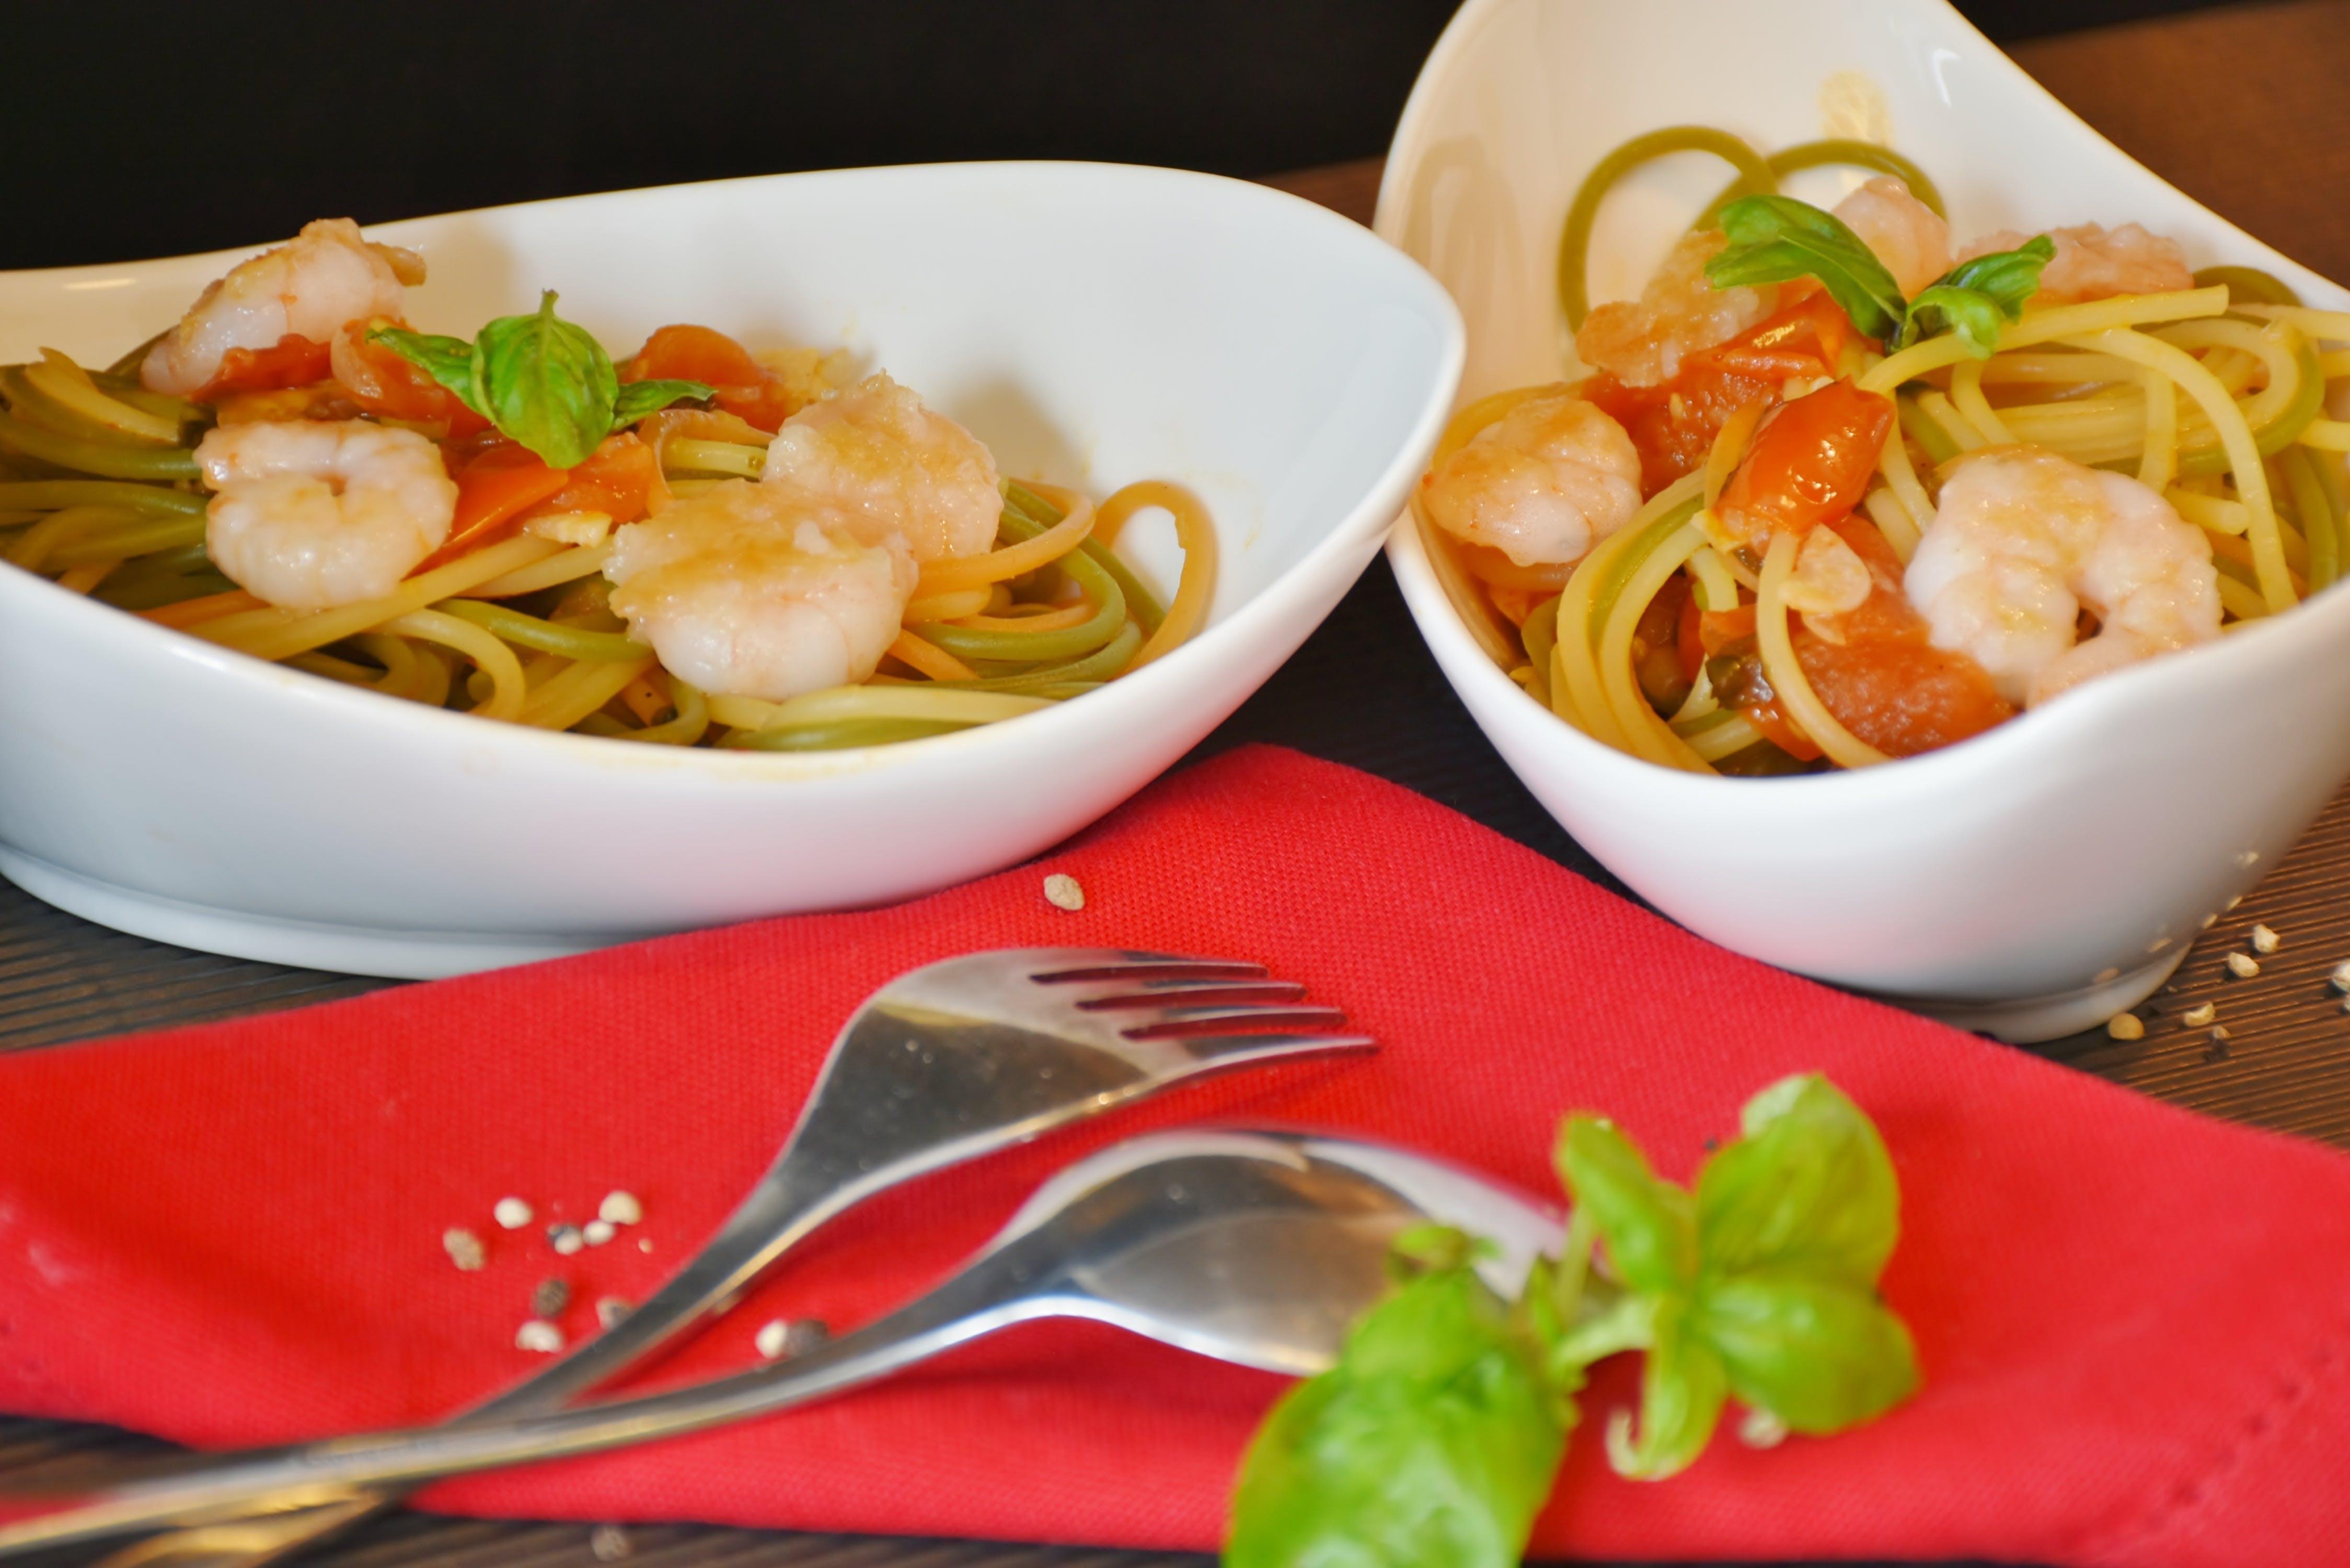 Noodles Top With Shrimp